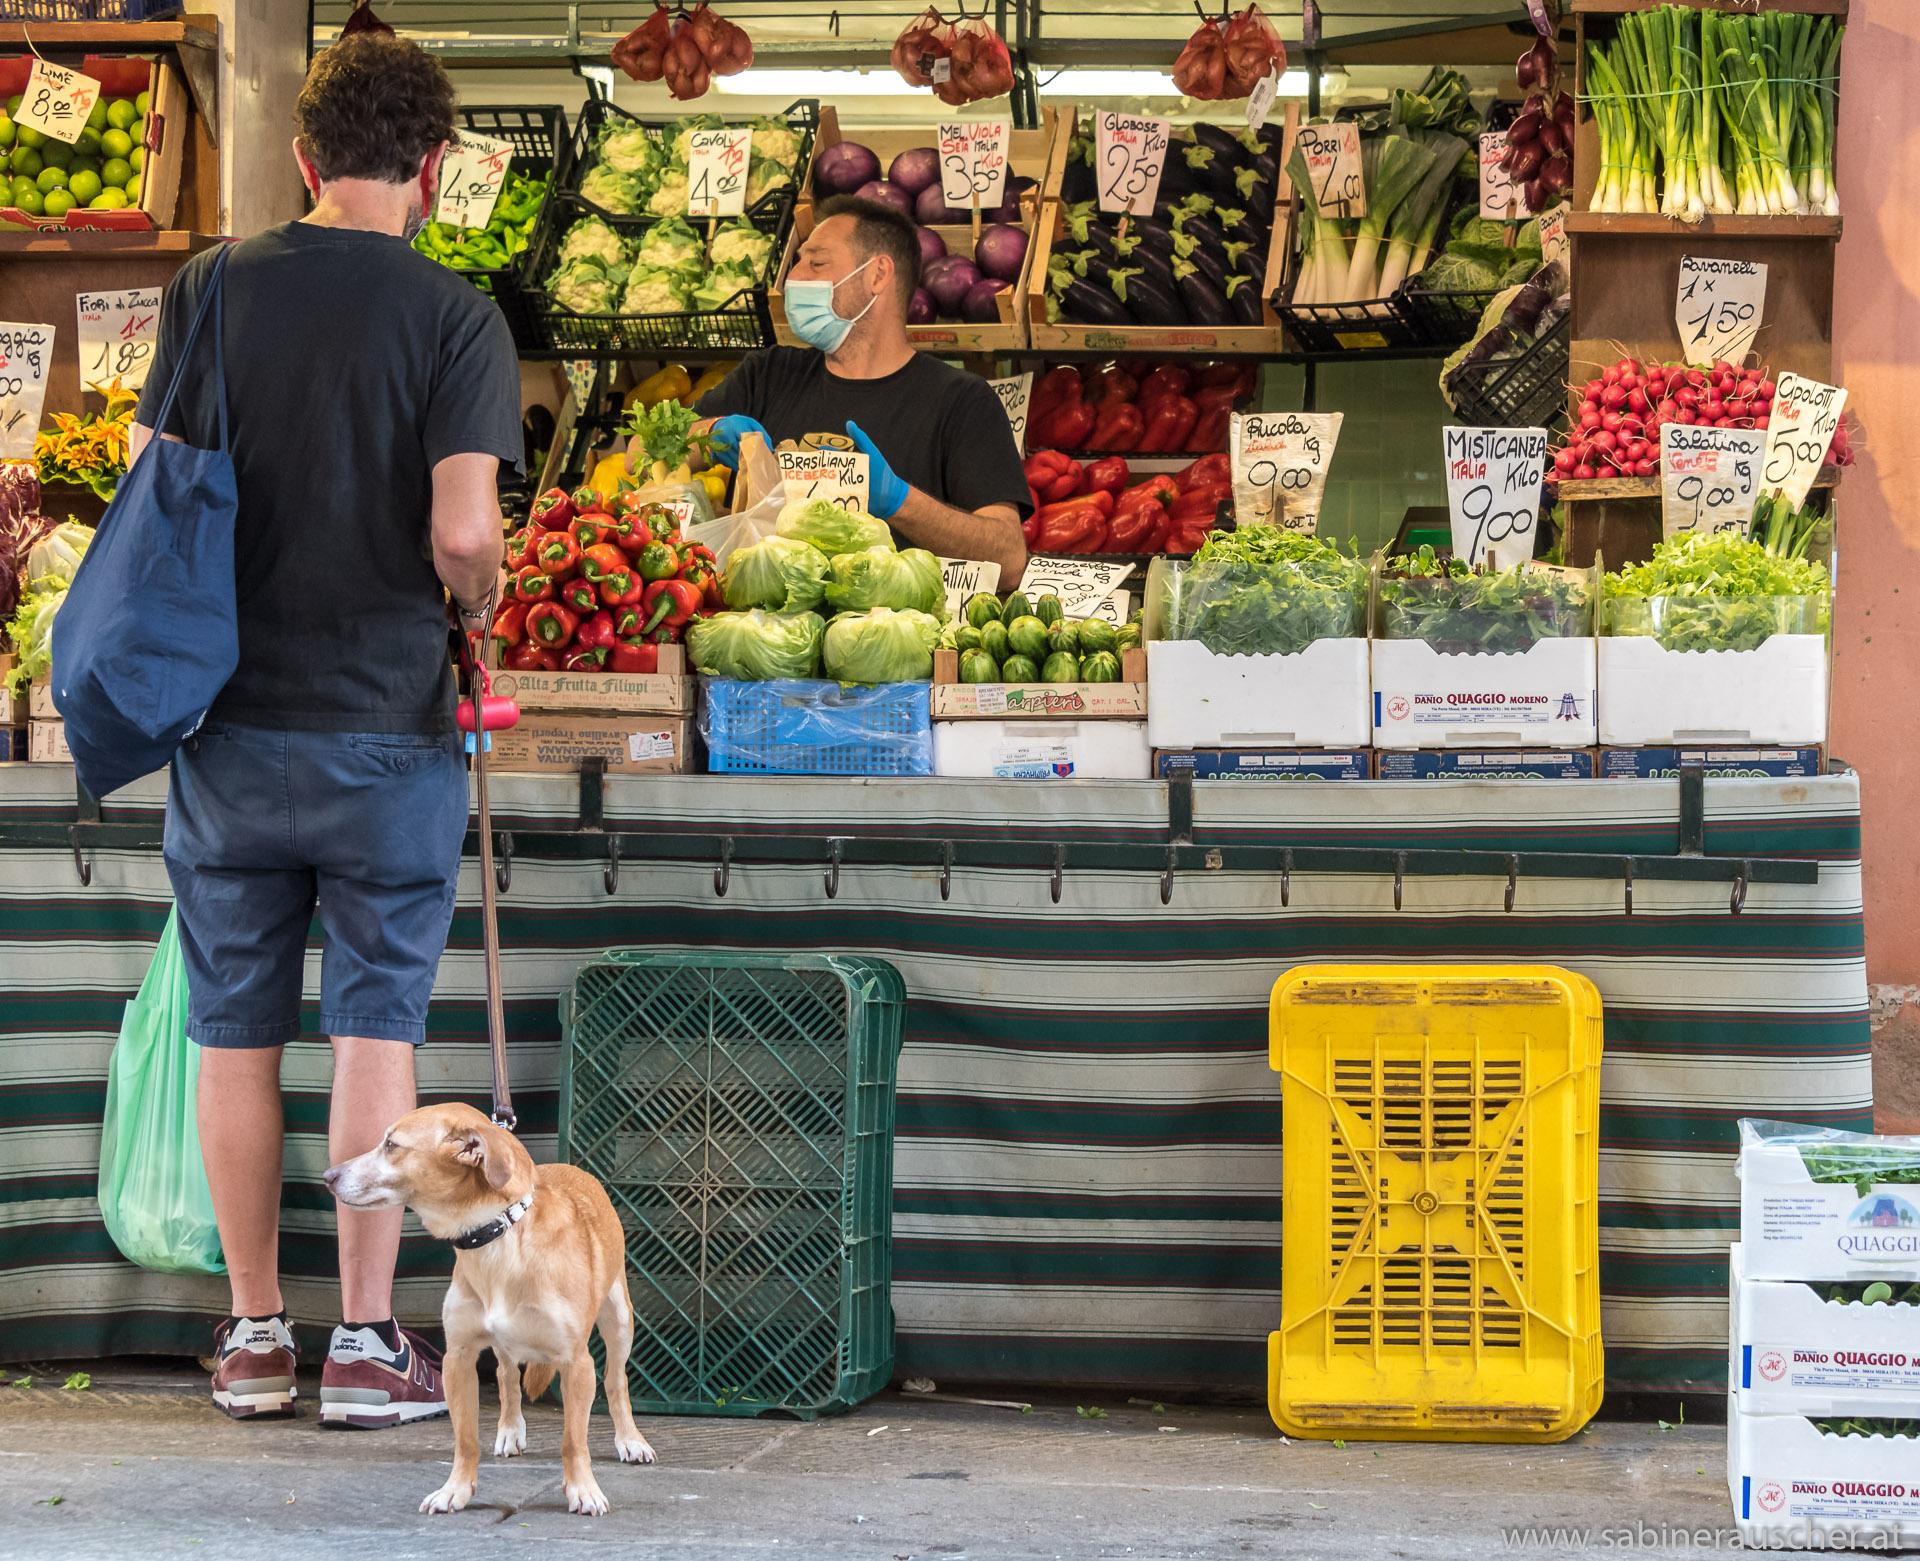 Venice - at the market | Venedig - morgens am Markt